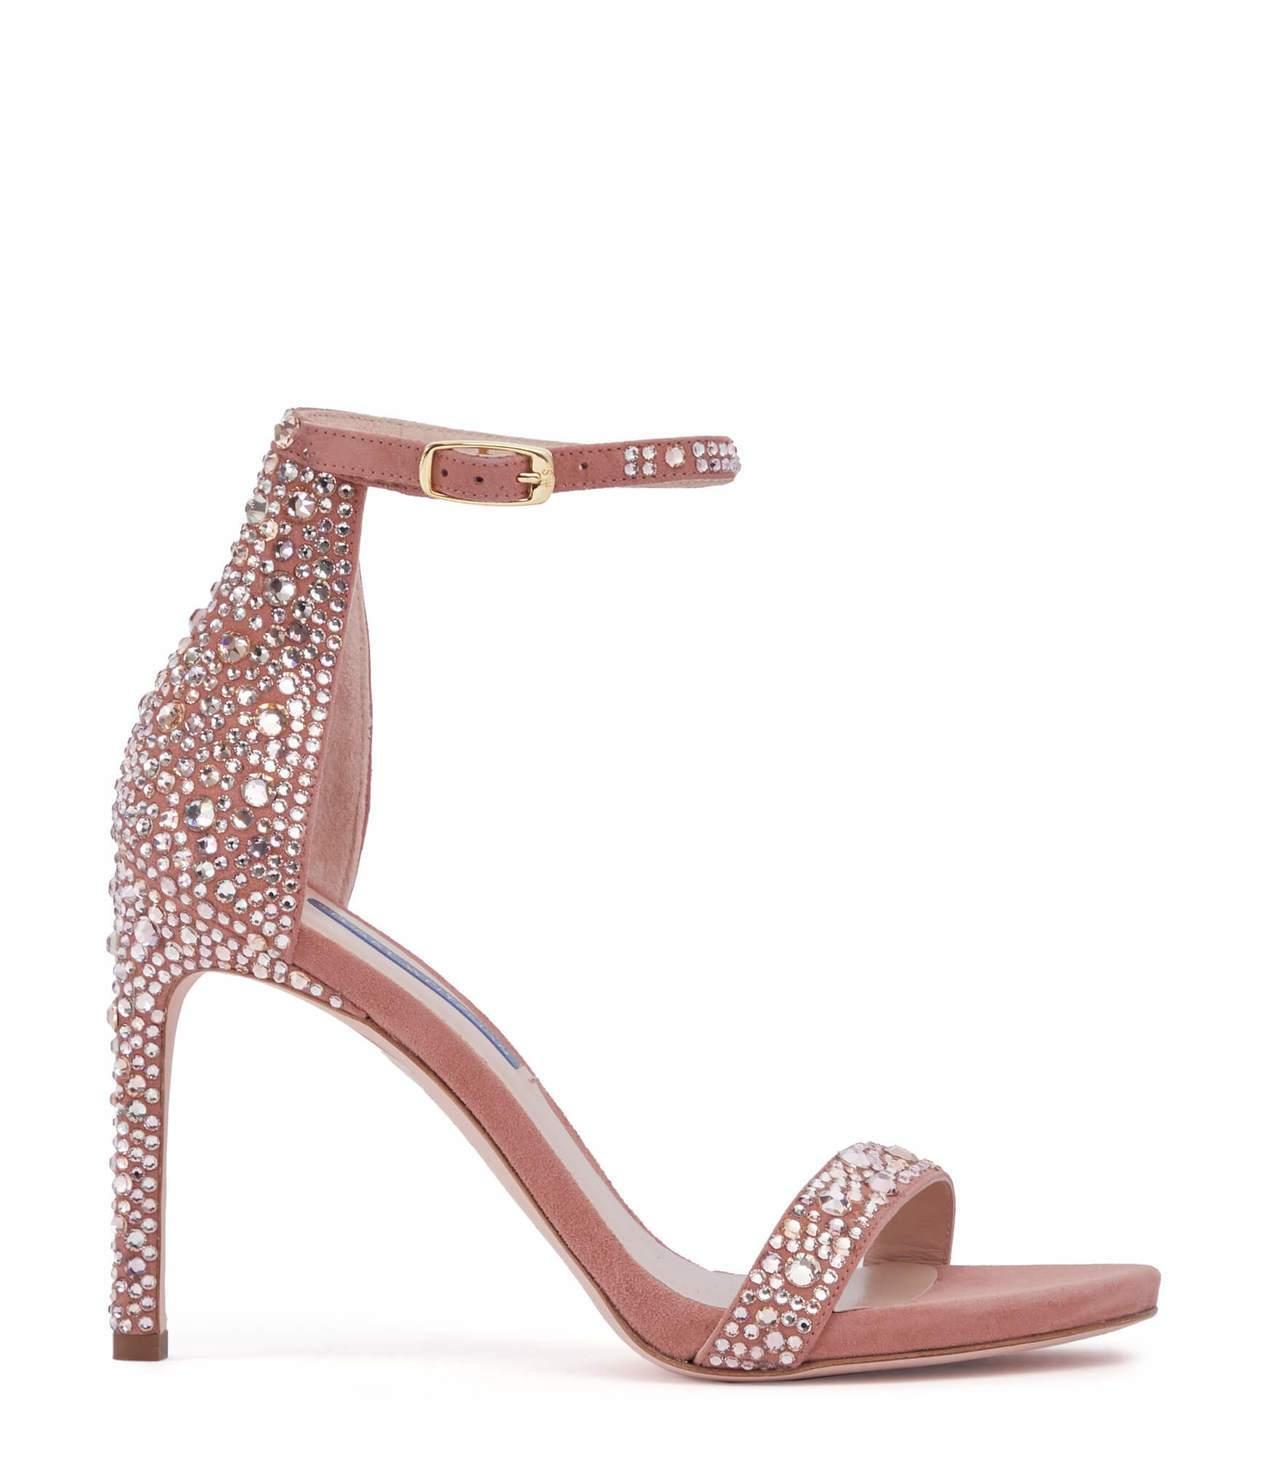 粉色Nudistsong Stardust麂皮缀彩色水晶鞋,售價35,200元。...